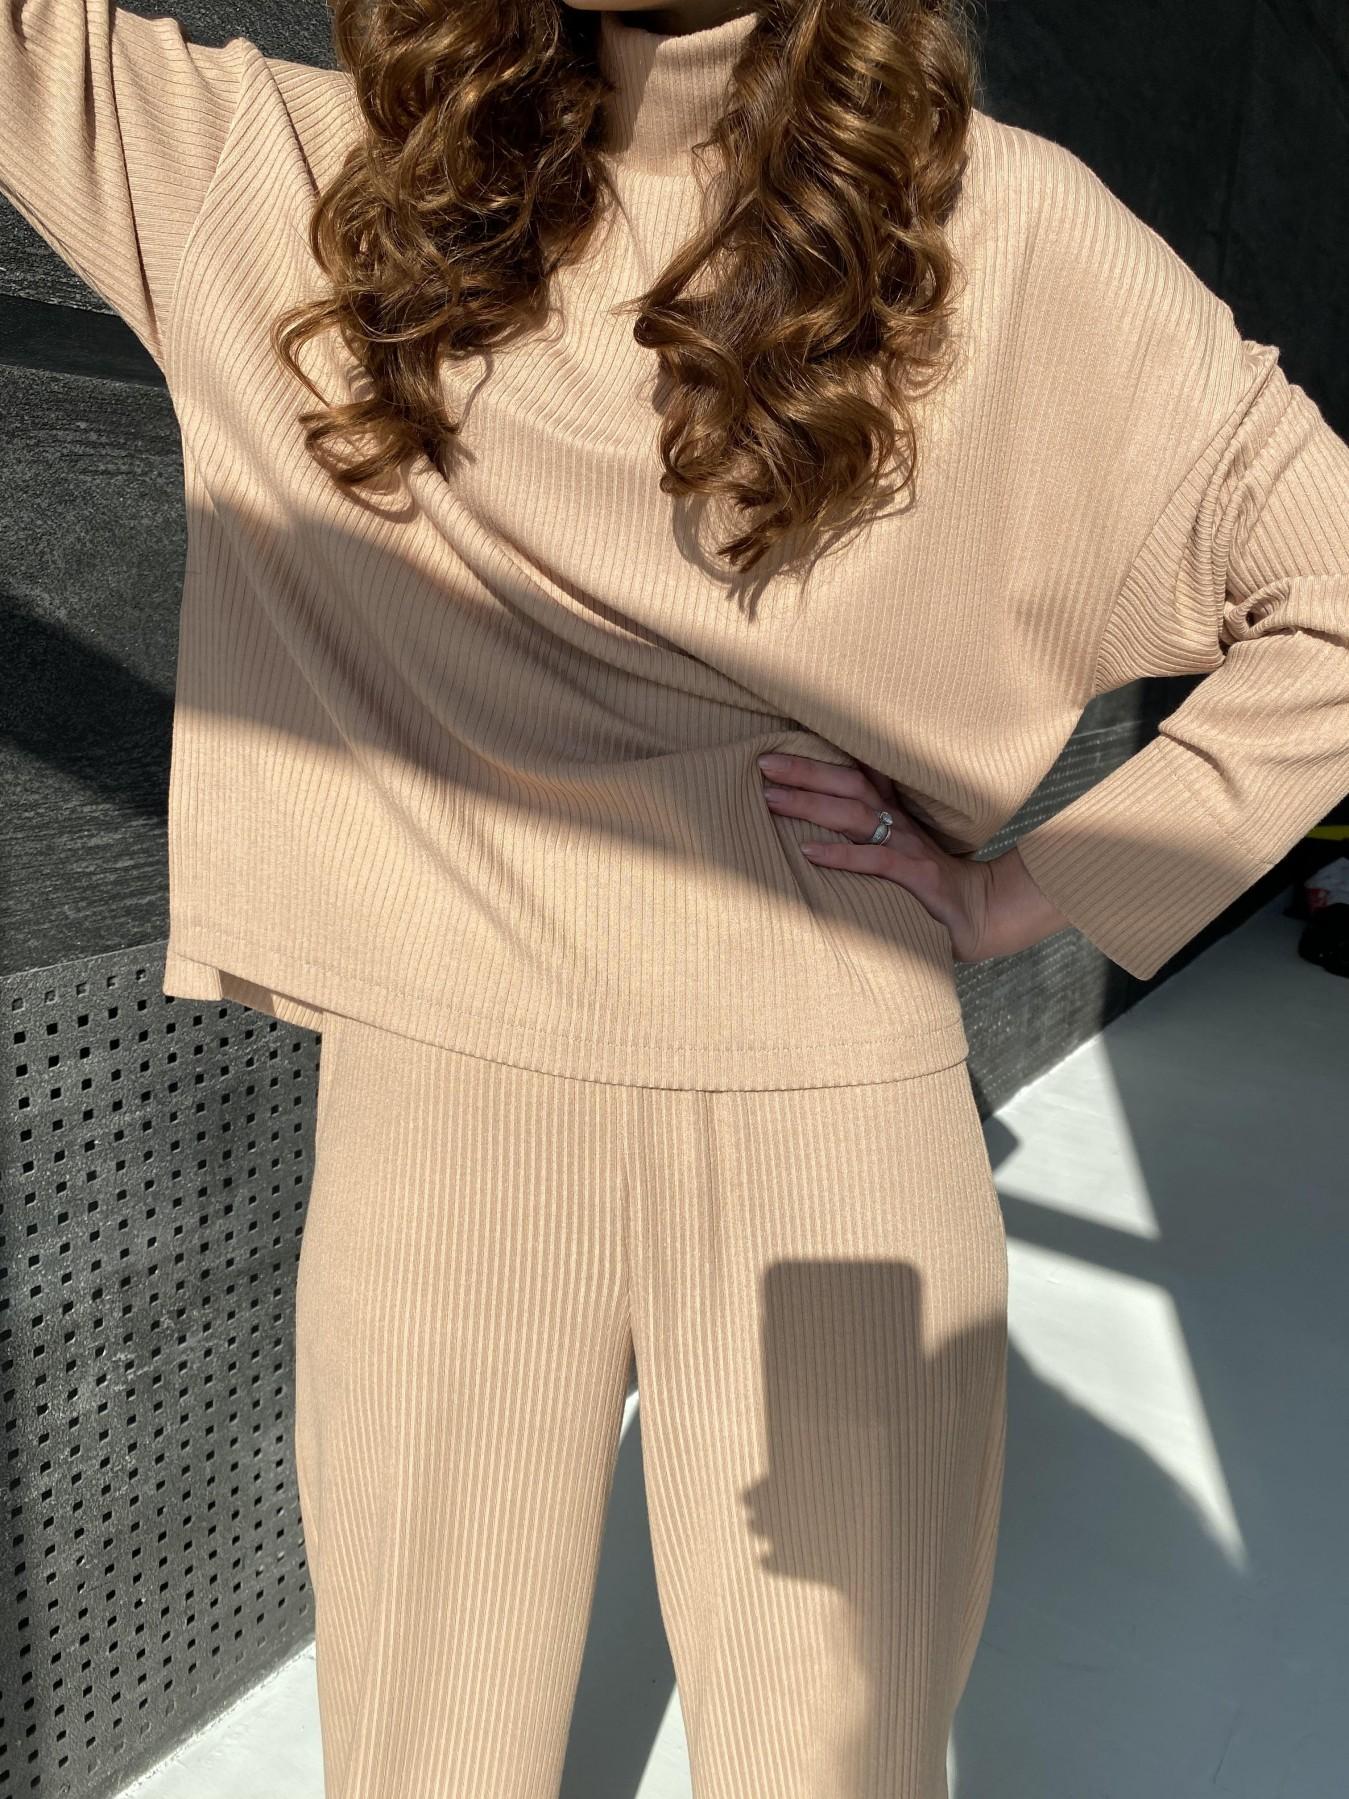 Лав Ю прогулочный костюм в рубчик 10826 АРТ. 47314 Цвет: Кемел - фото 5, интернет магазин tm-modus.ru